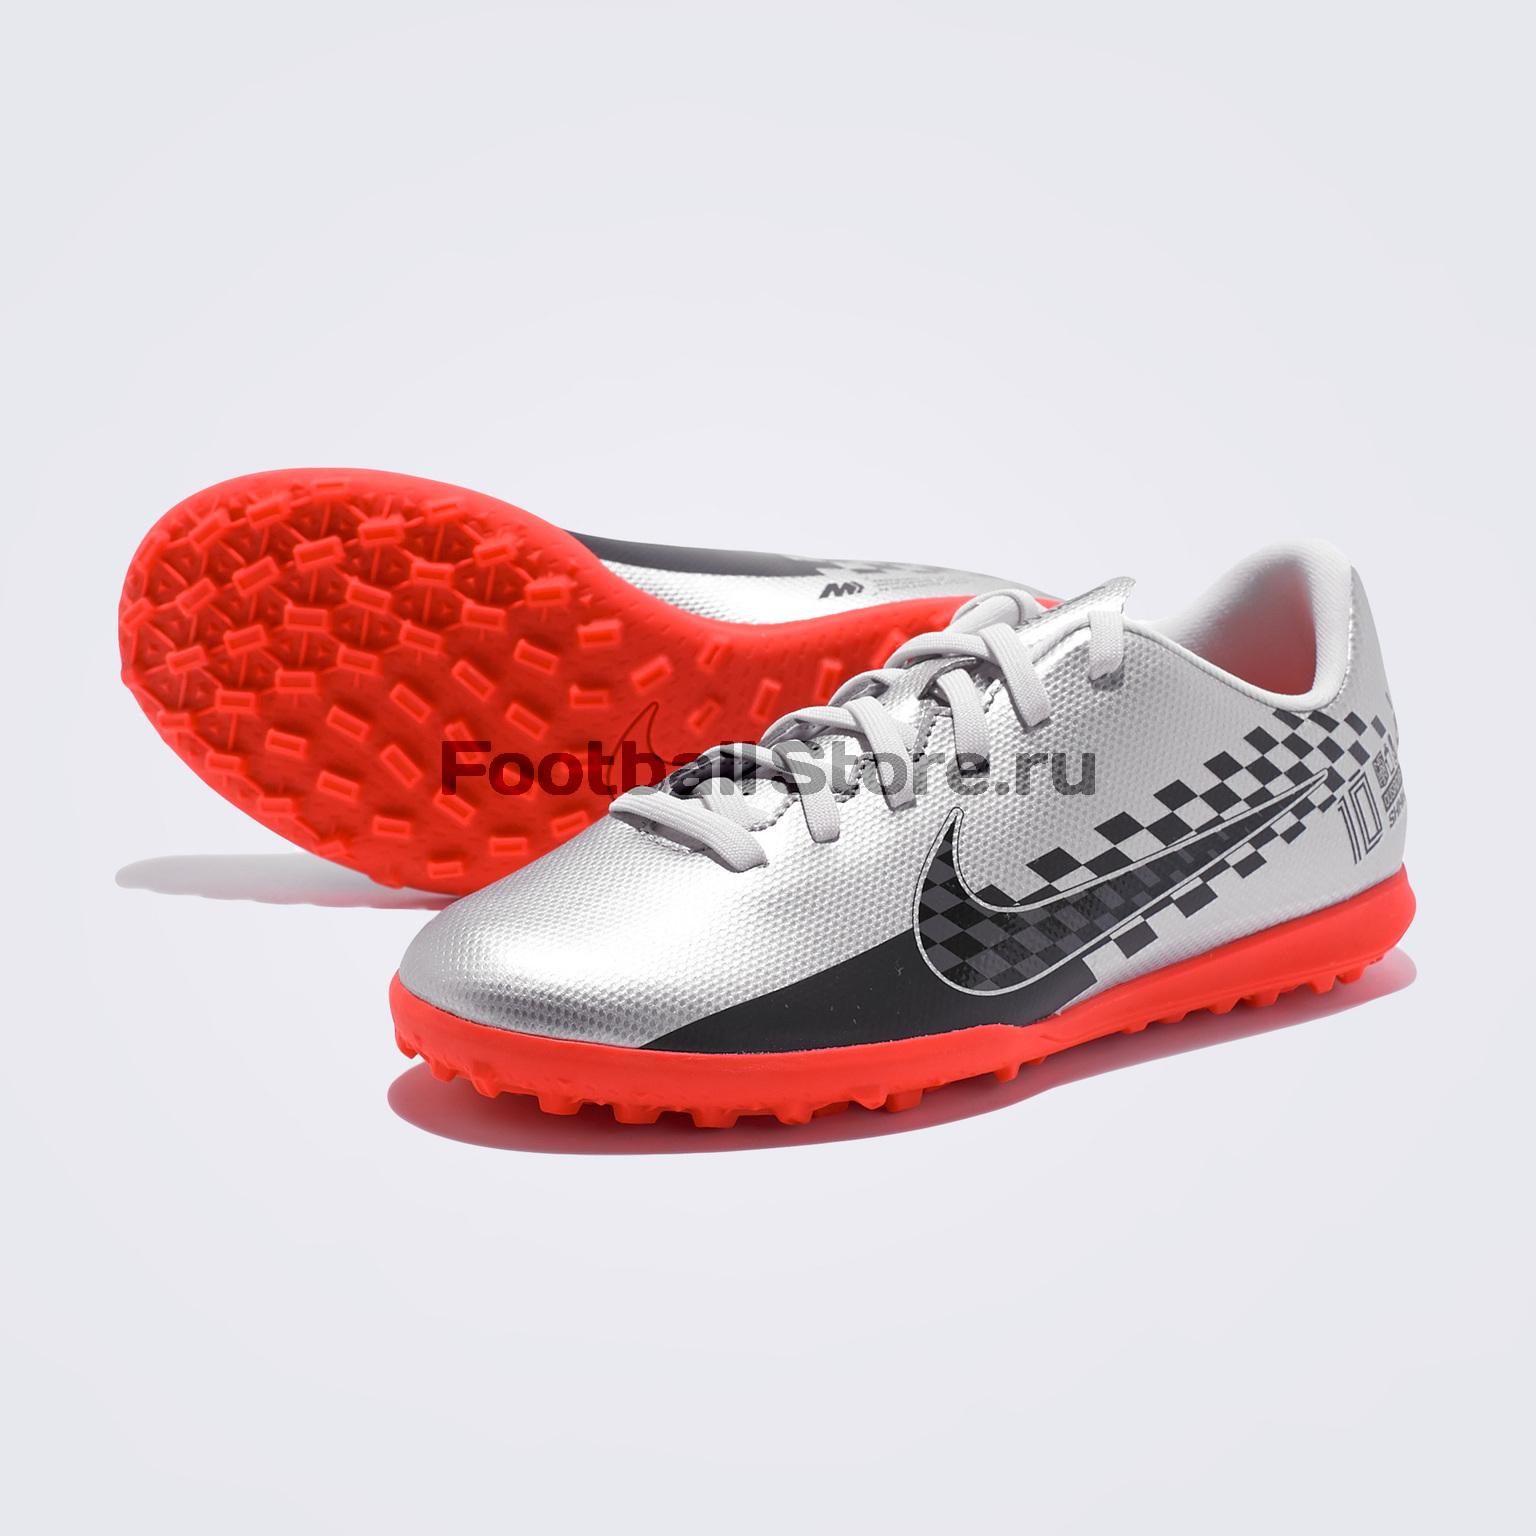 Шиповки детские Nike Vapor 13 Club Neymar TF AT8175-006 все цены